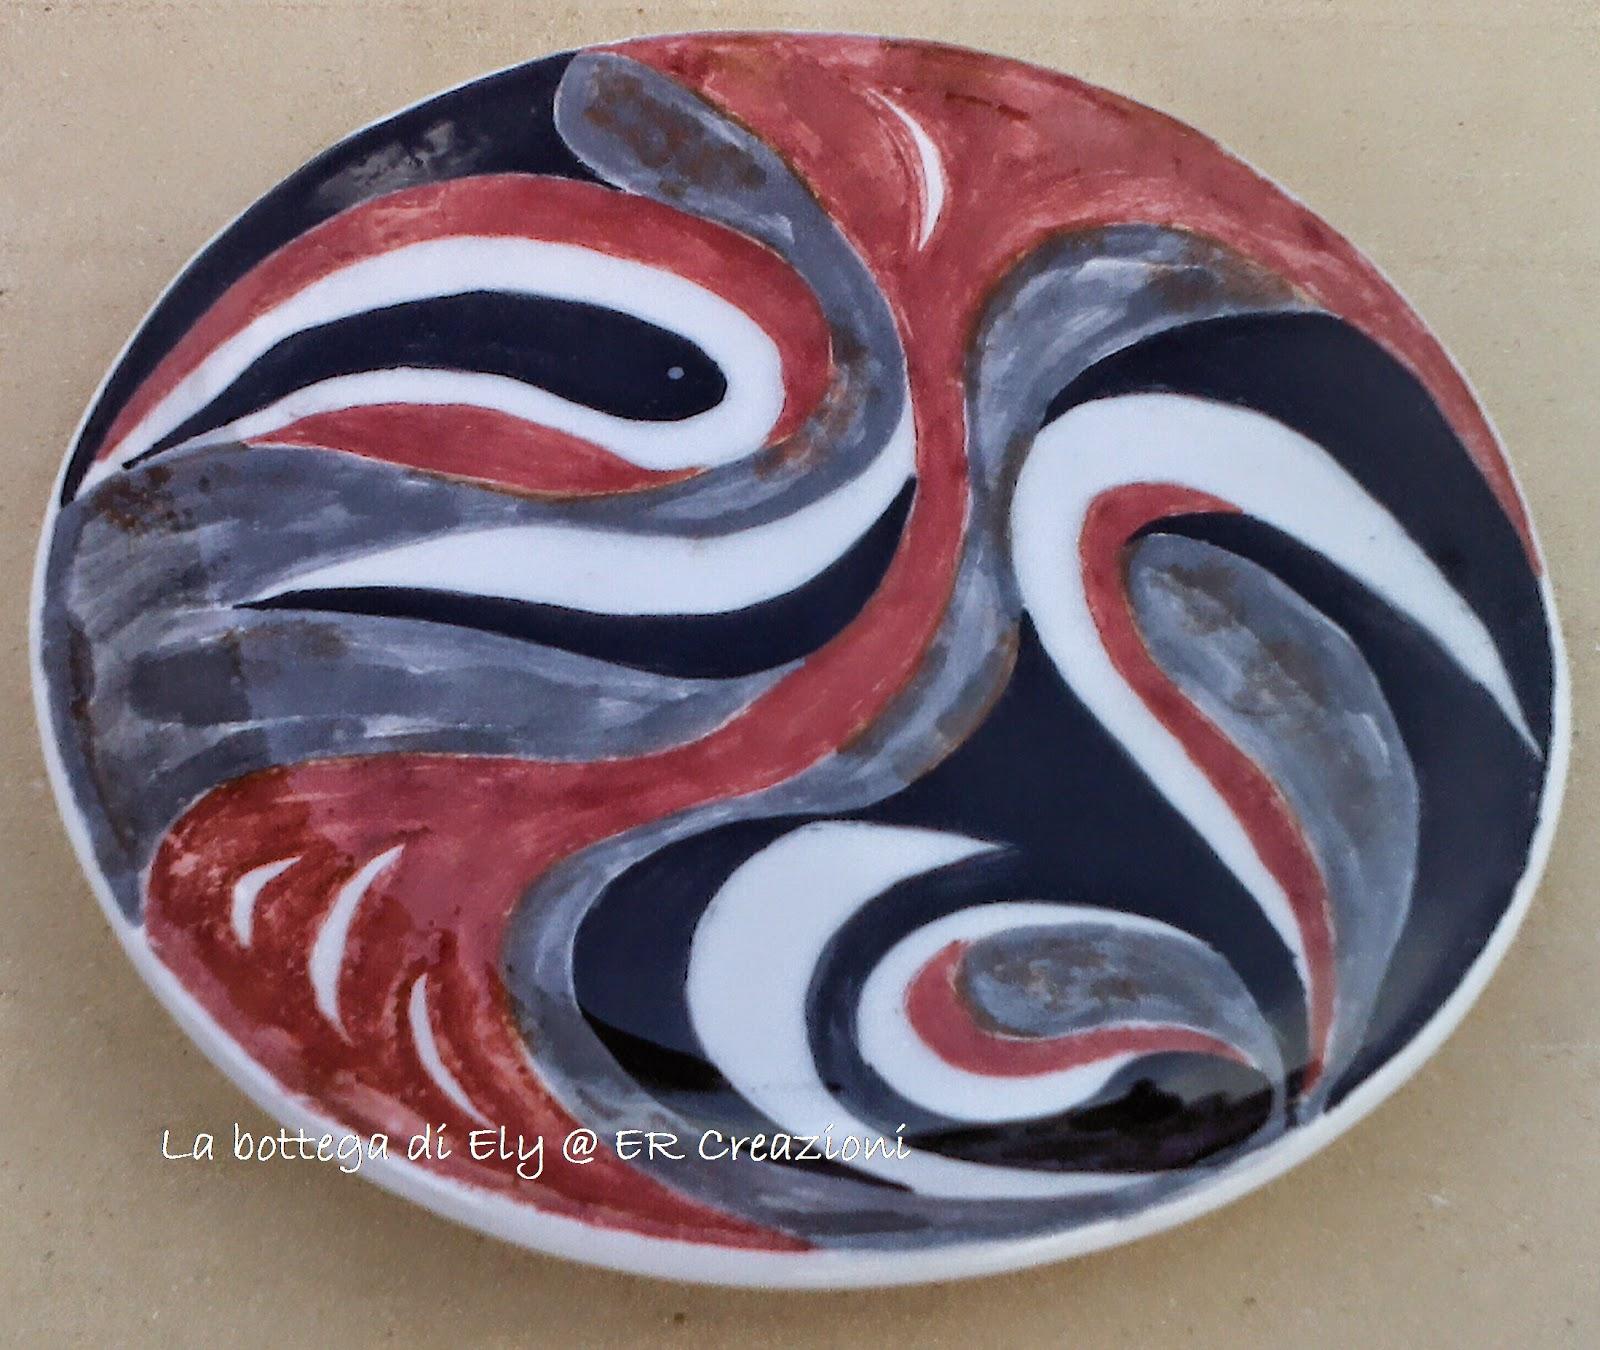 piatto in ceramica fatto a mano rosso e nero